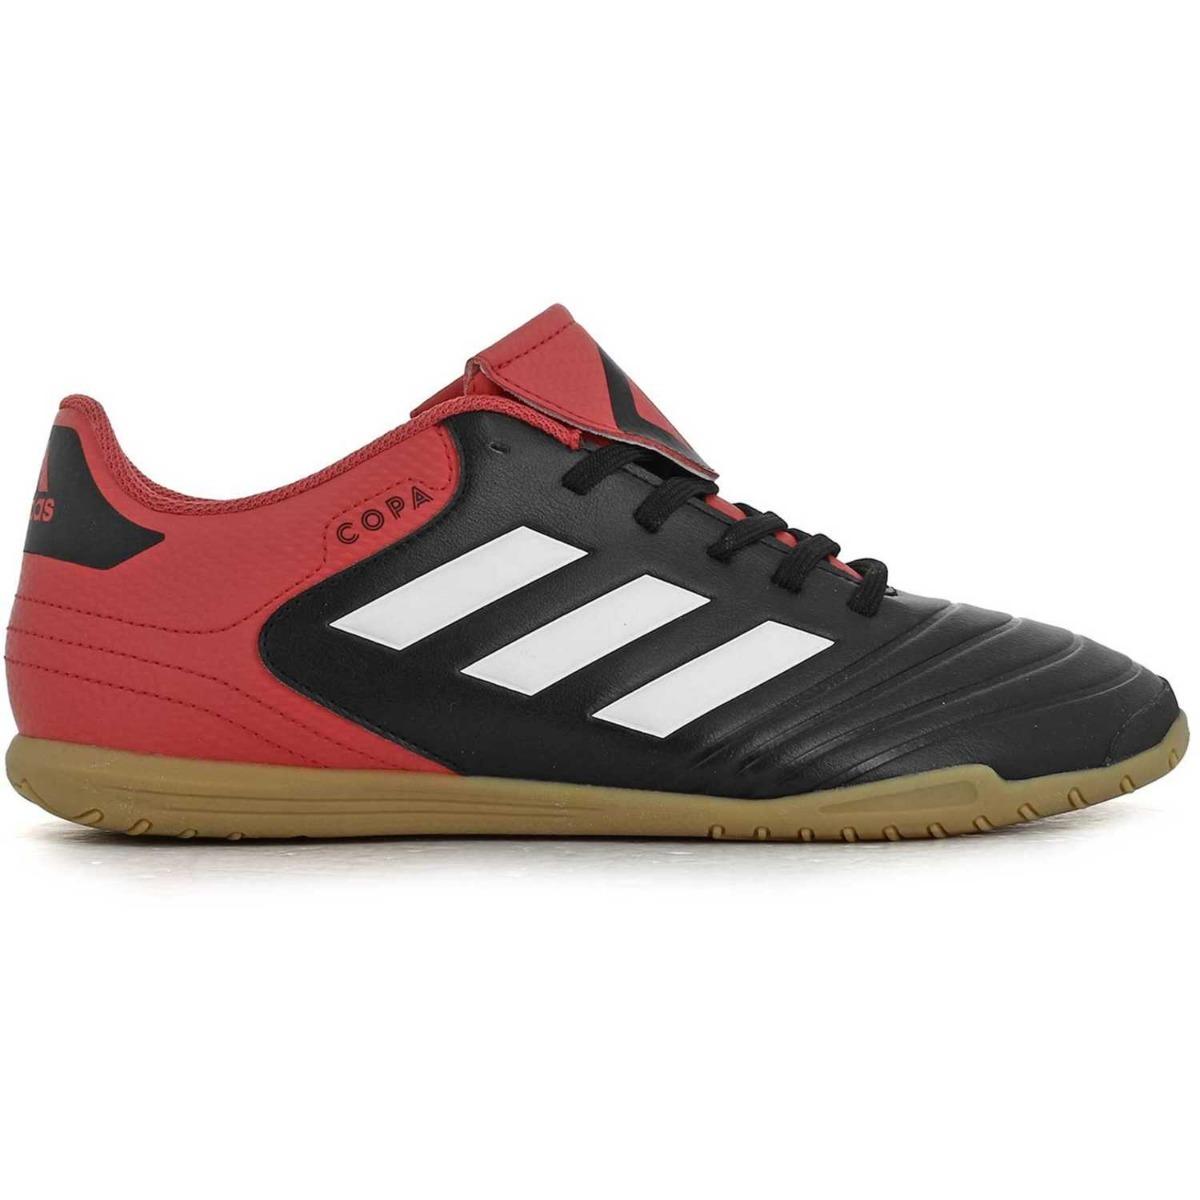 zapatillas futbol hombres adidas